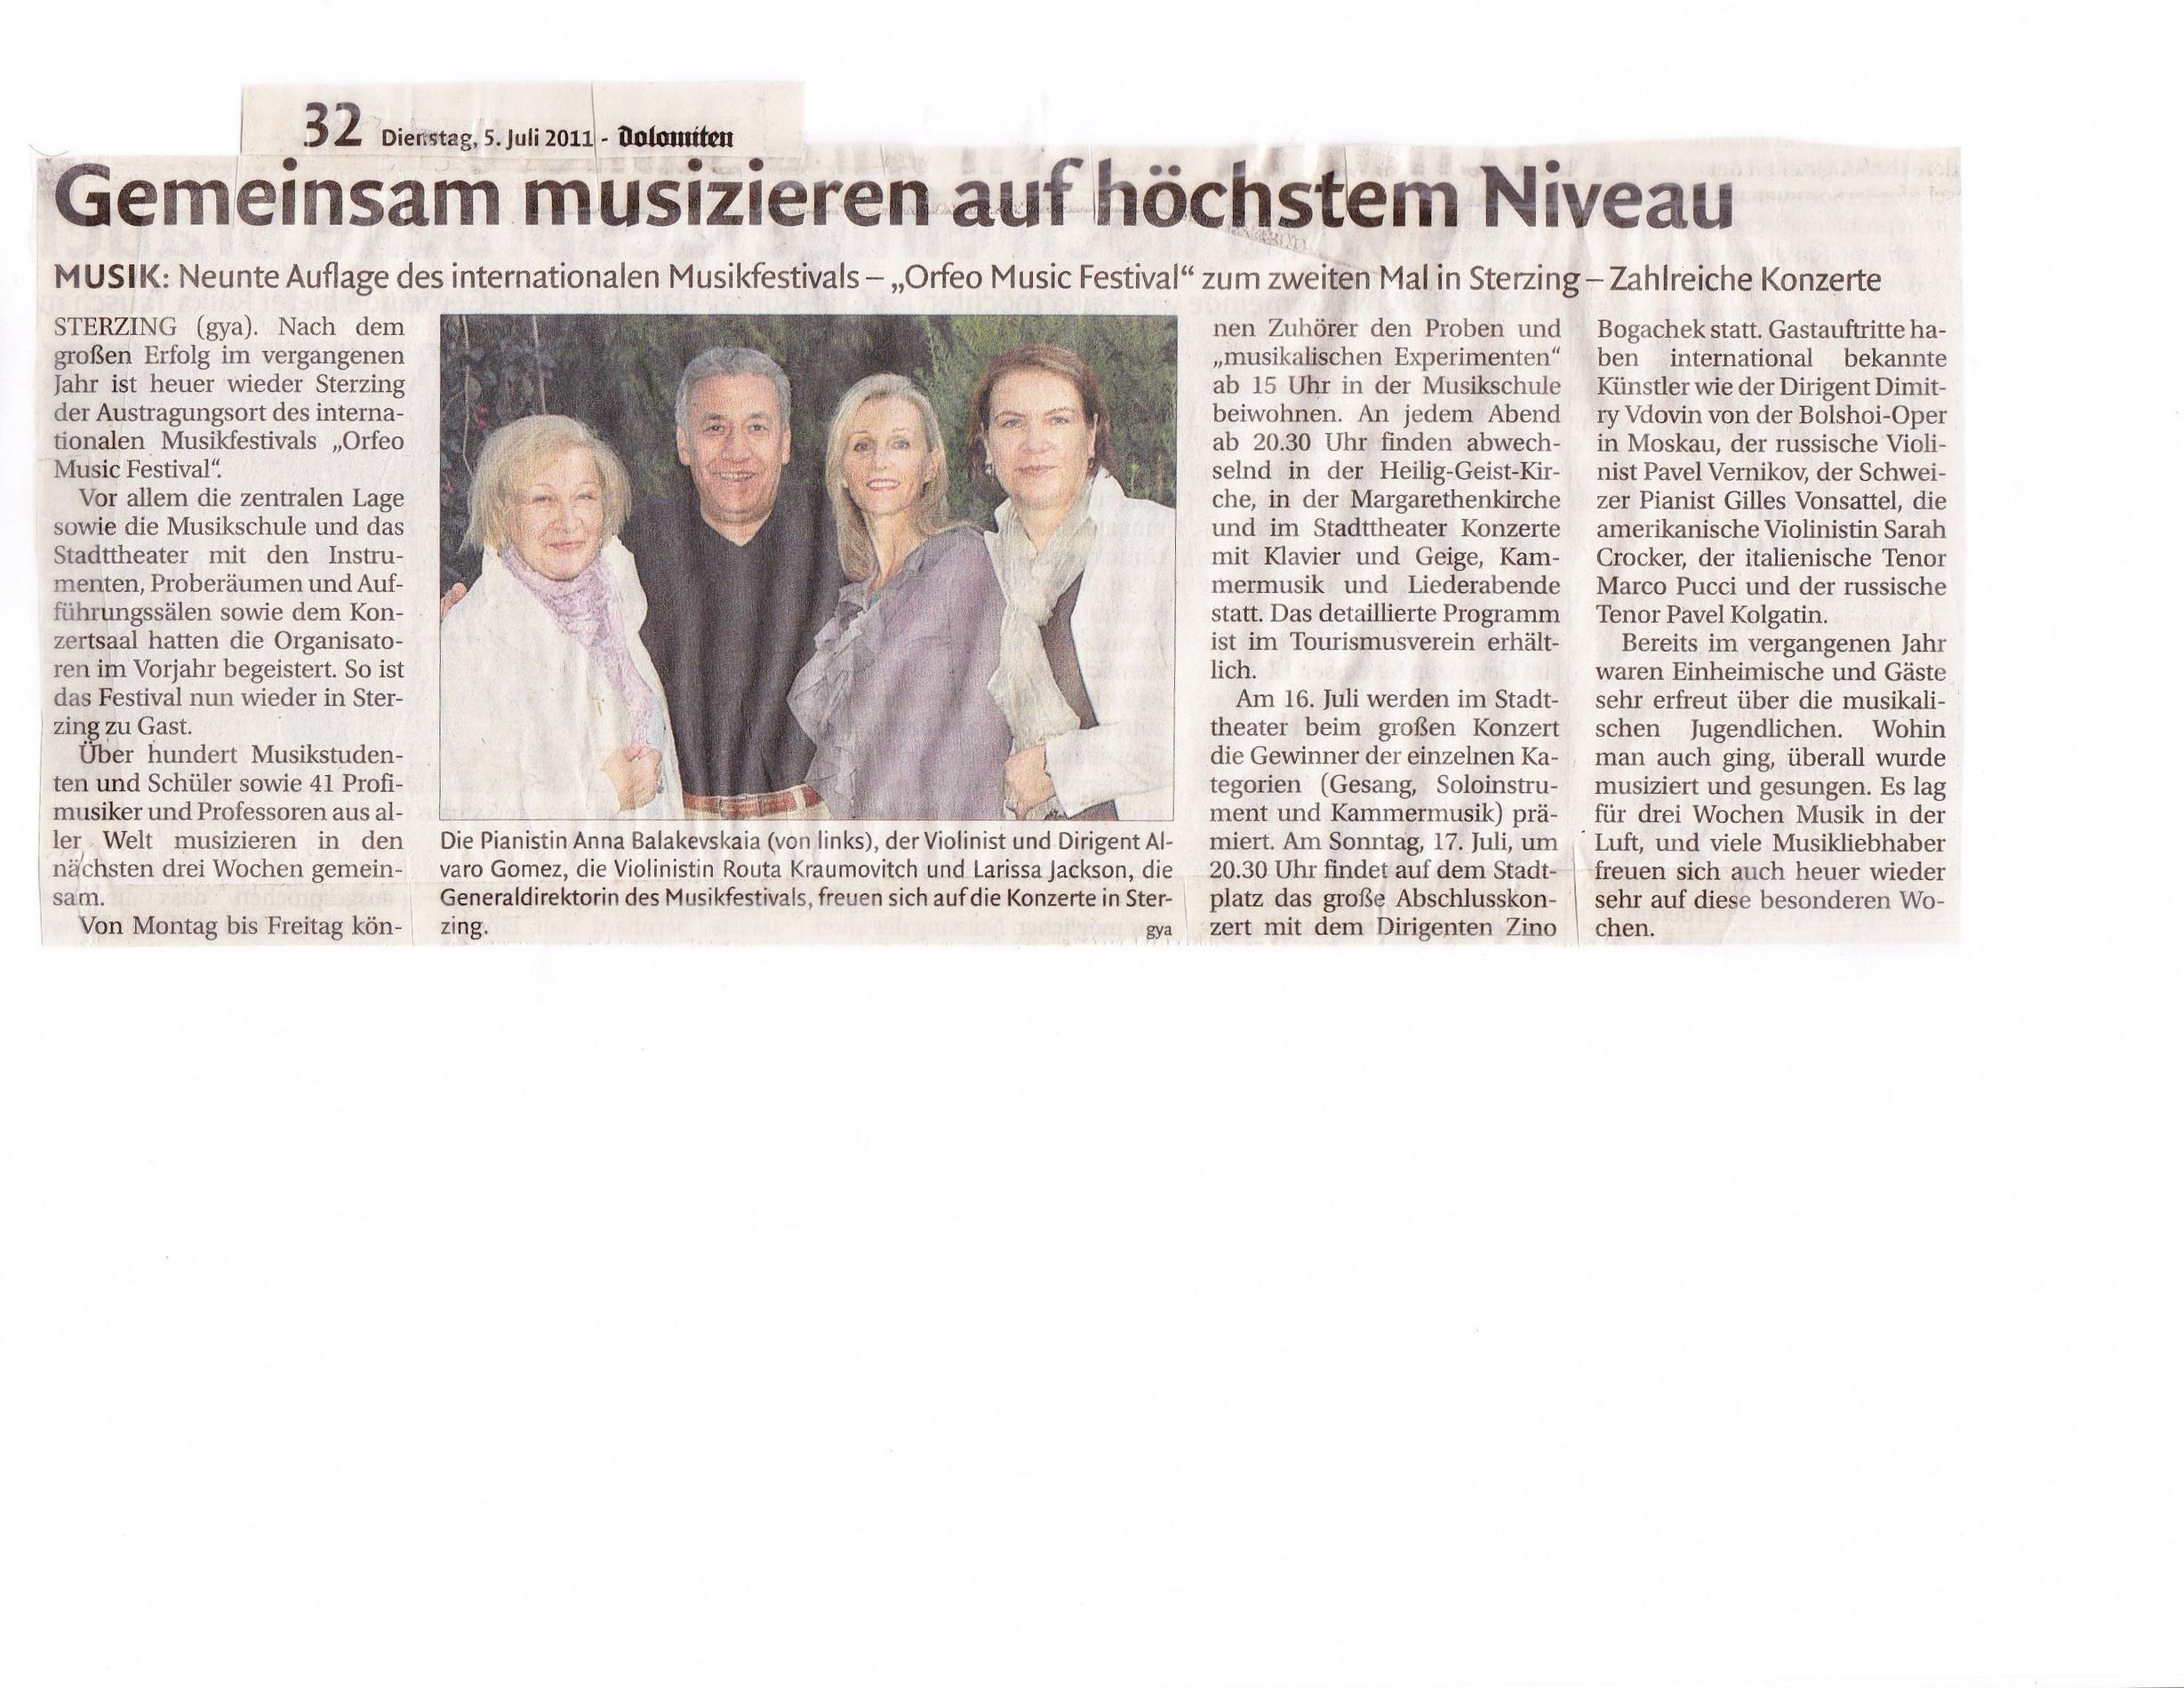 2011 Dolomiten -Gemeindsam musizieren auf hoechstem Niveau.jpg